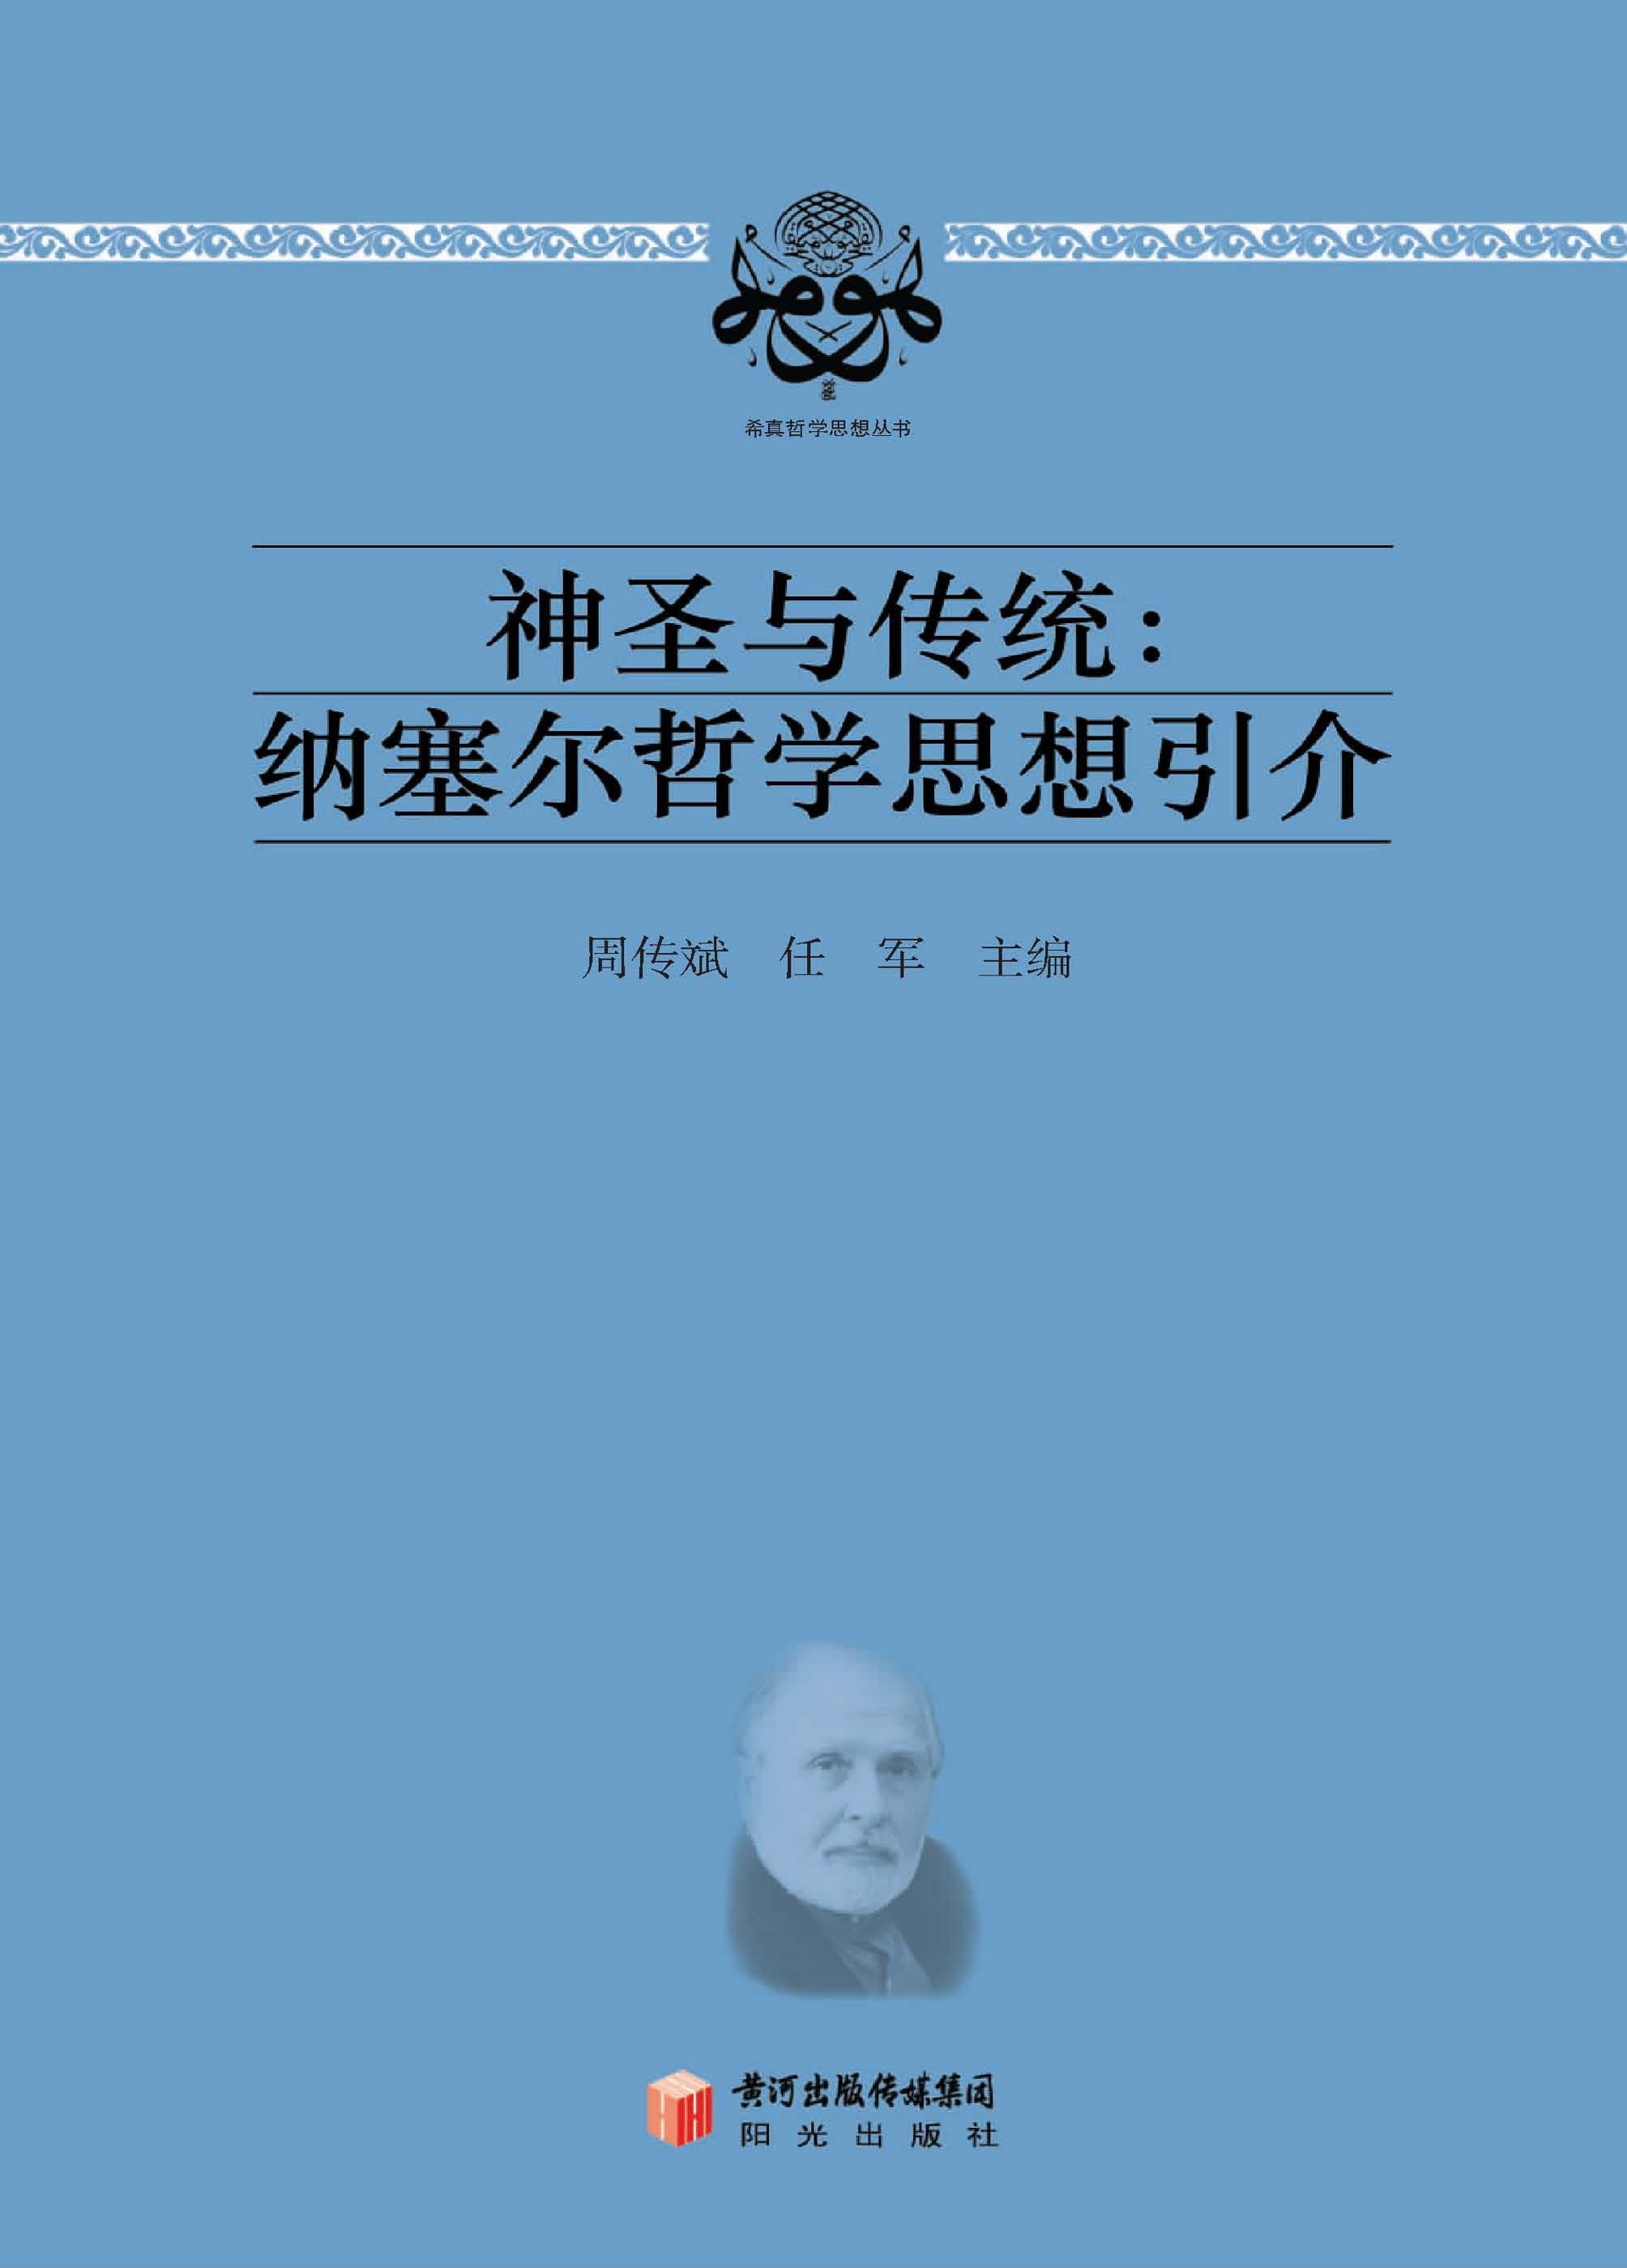 神圣与传统:纳塞尔哲学思想引介